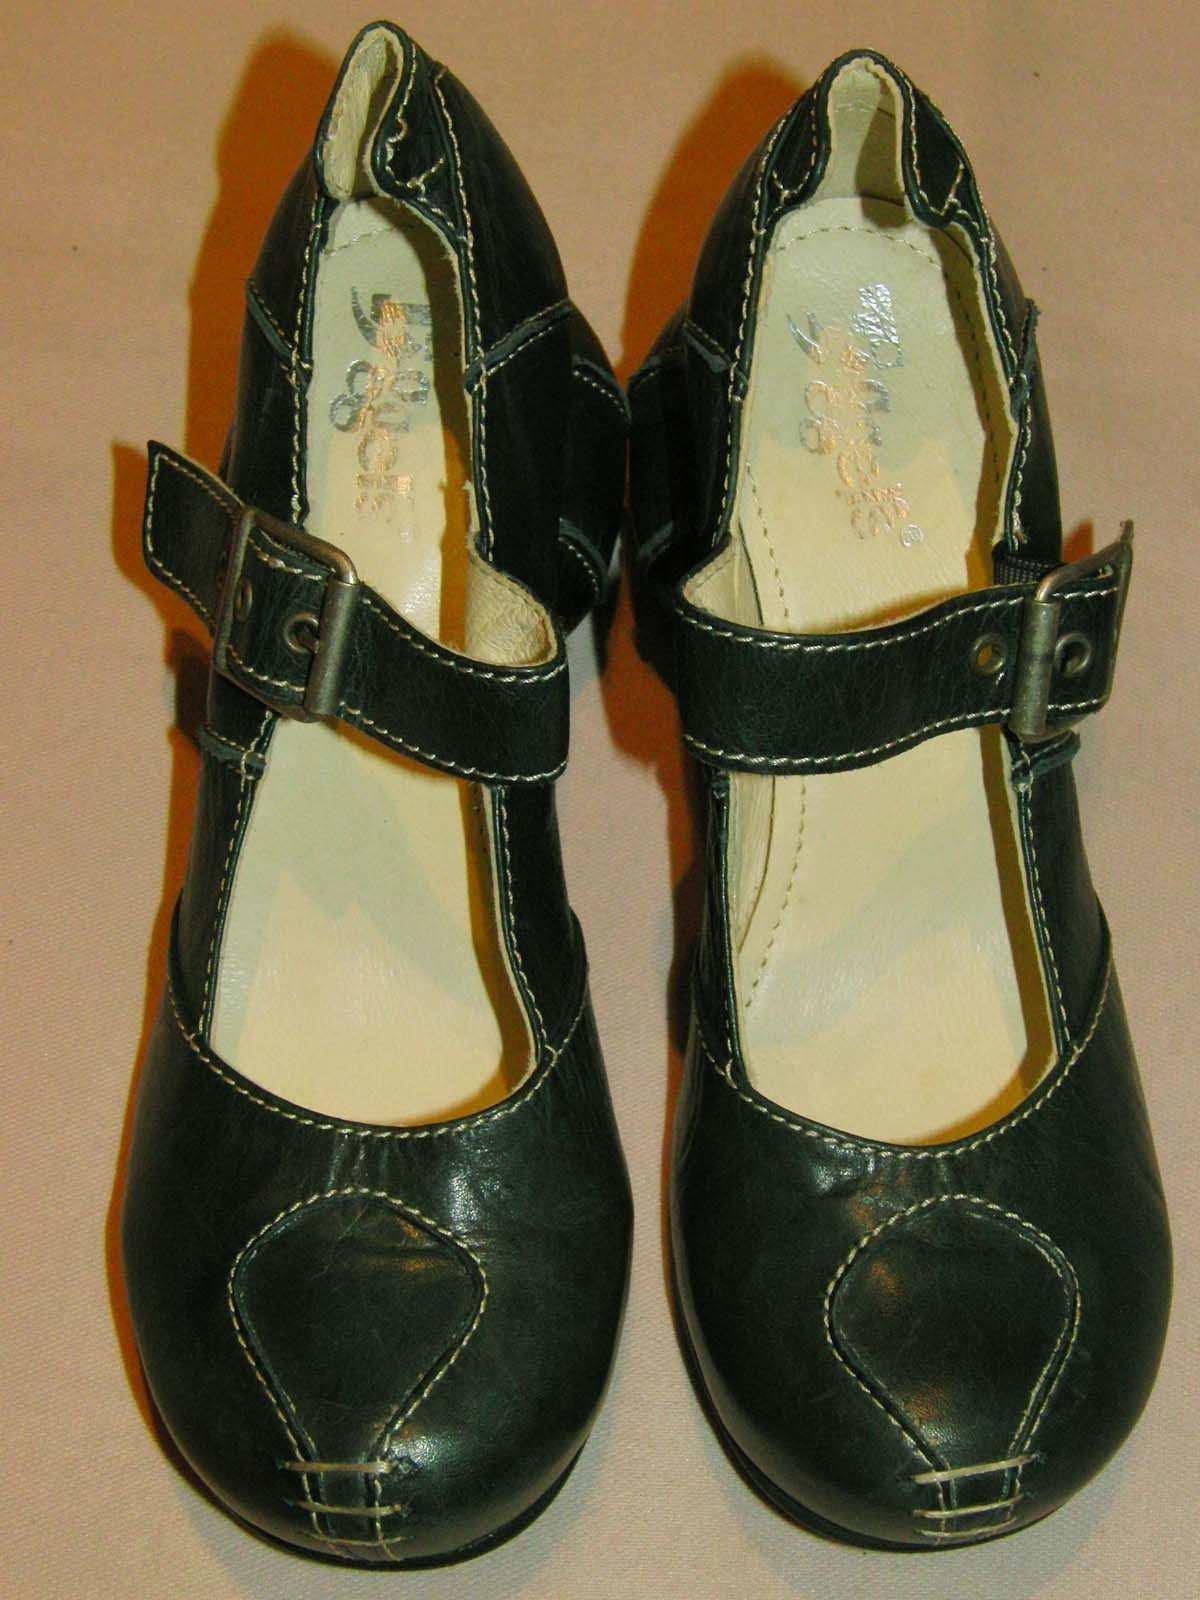 Details zu TIGGERS Pumps Leder Schuhe schwarz weiß Gr. 35,5 NEU Art.010